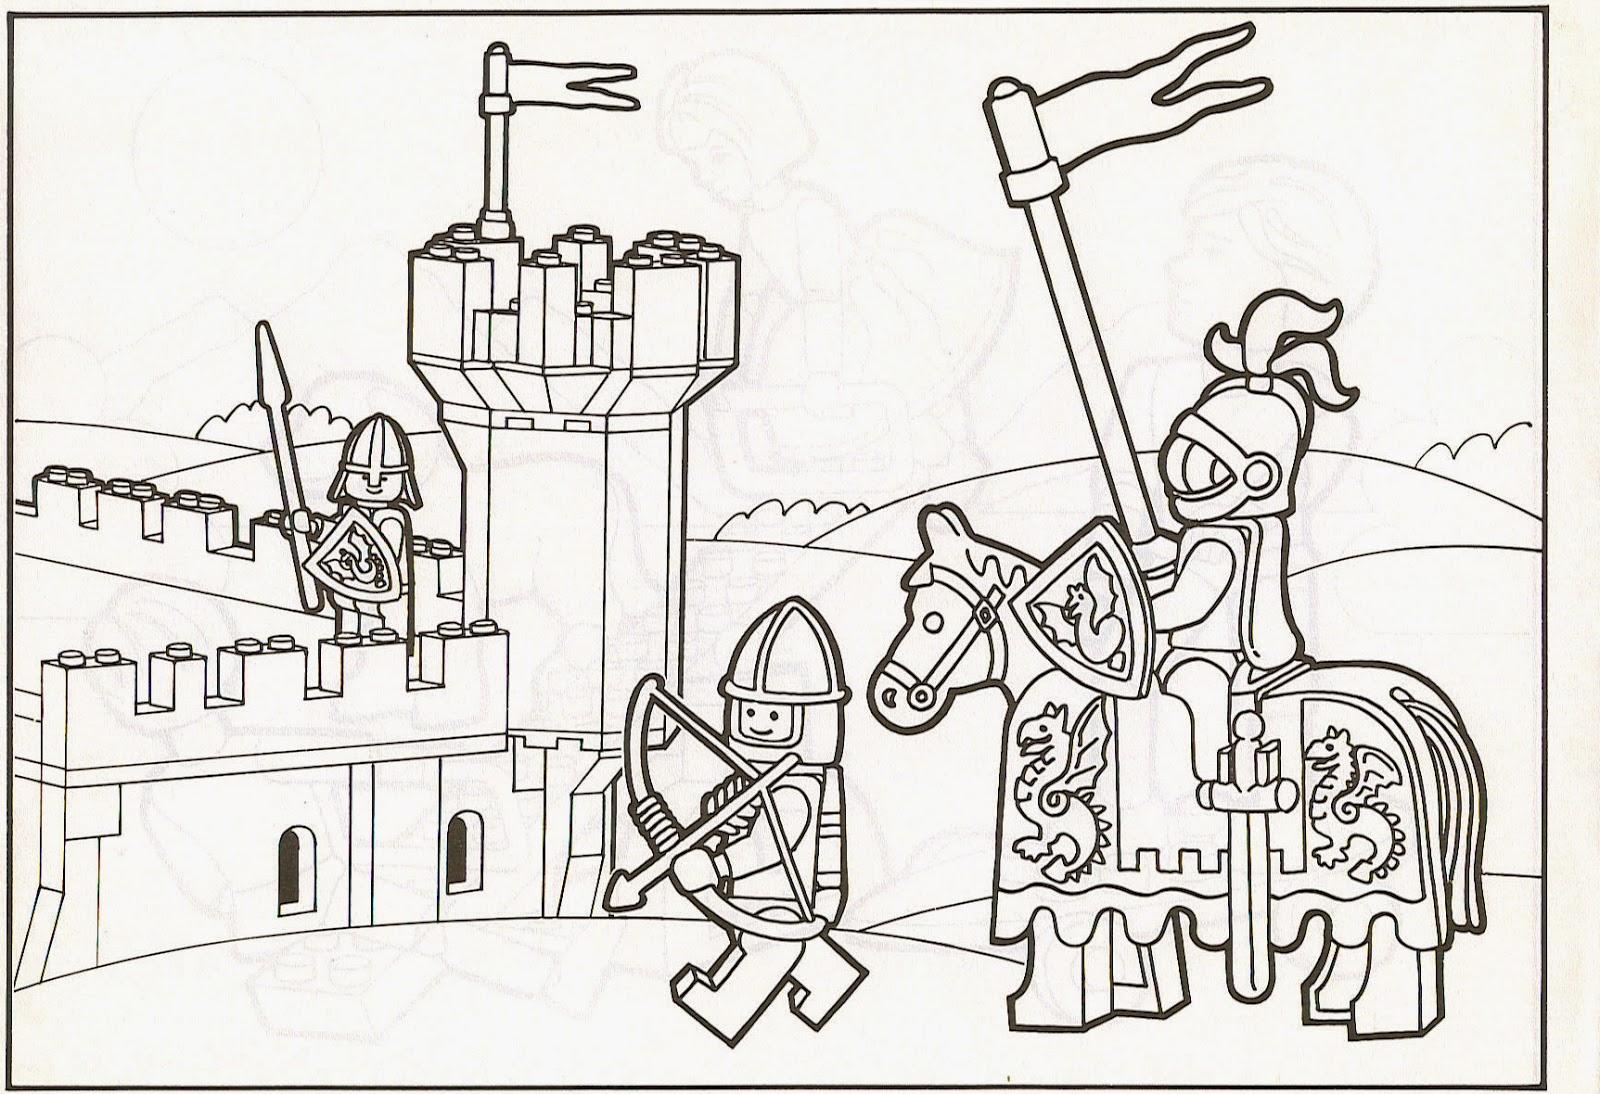 AUSMALBILDER - Deutschland: Ausmalbilder Lego Star Wars